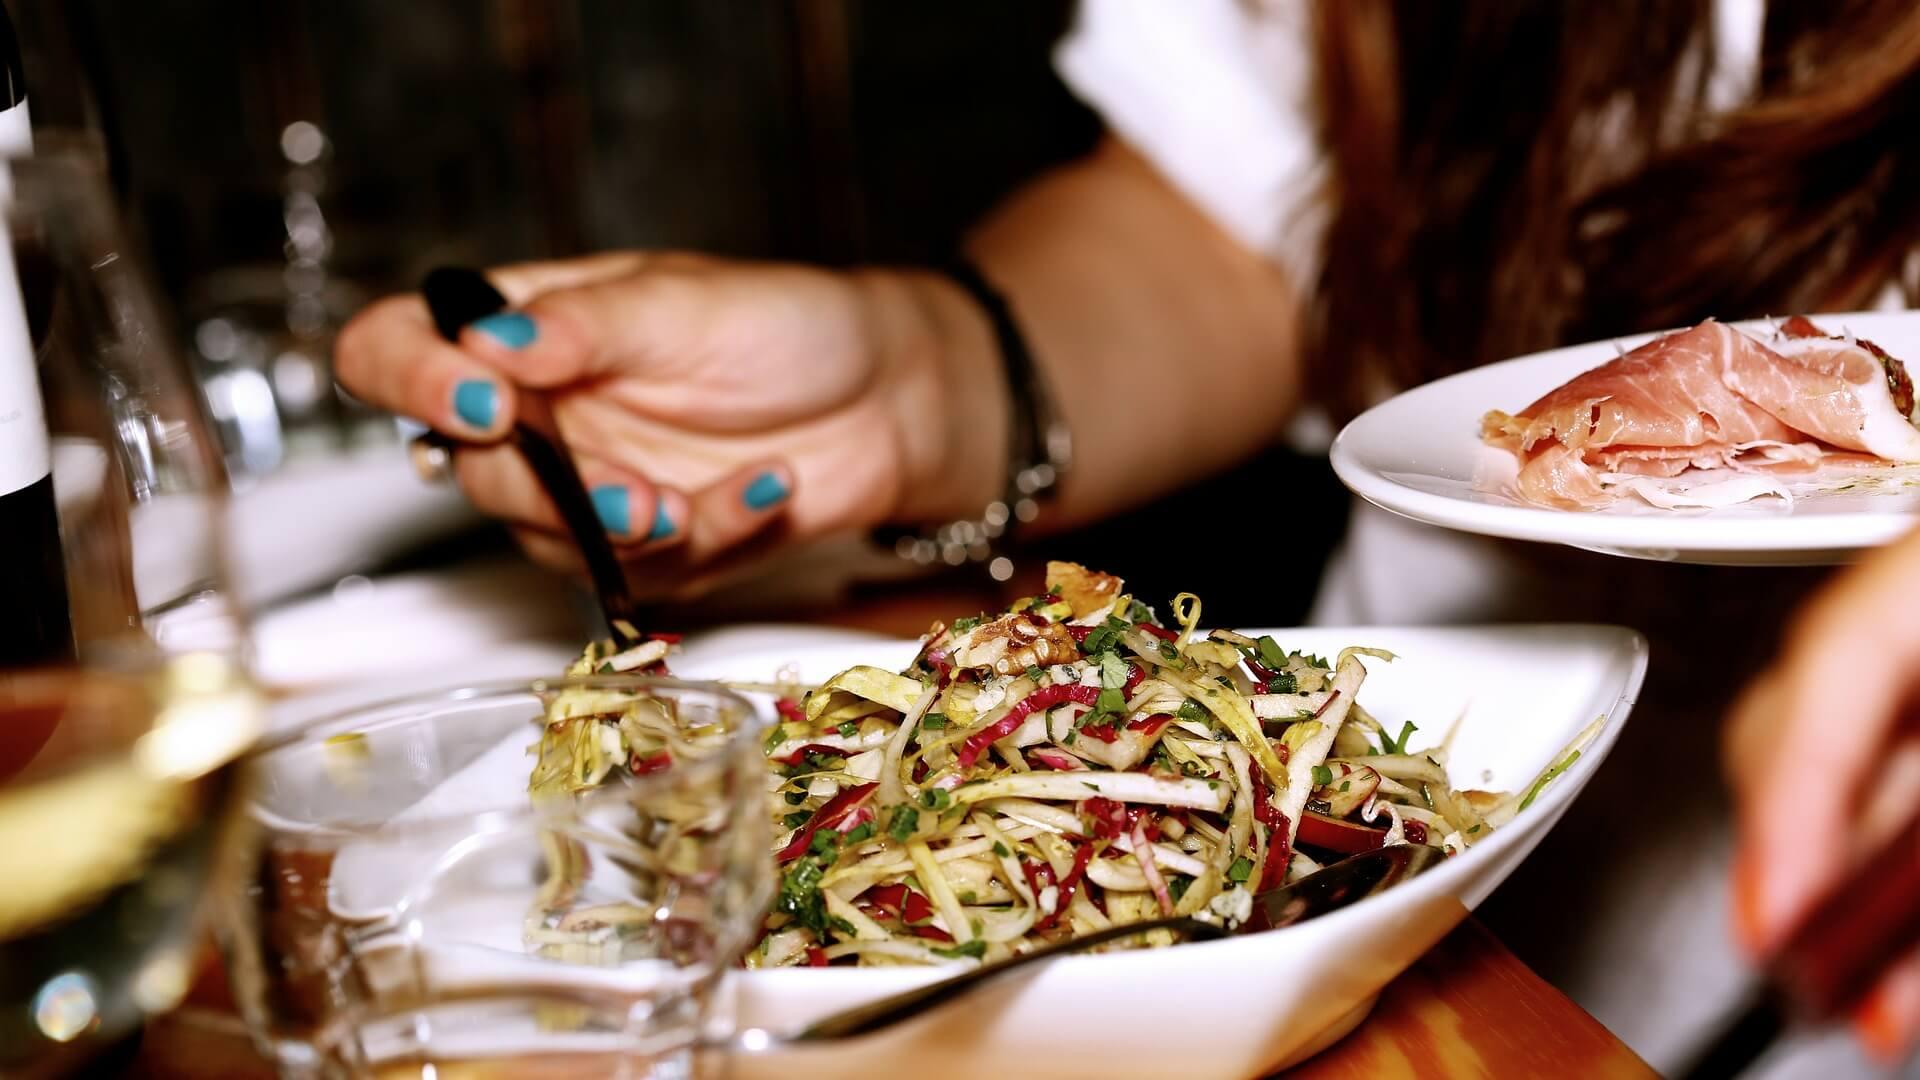 Een salade? Lekker! Lunchen met vriendinnen is altijd leuk